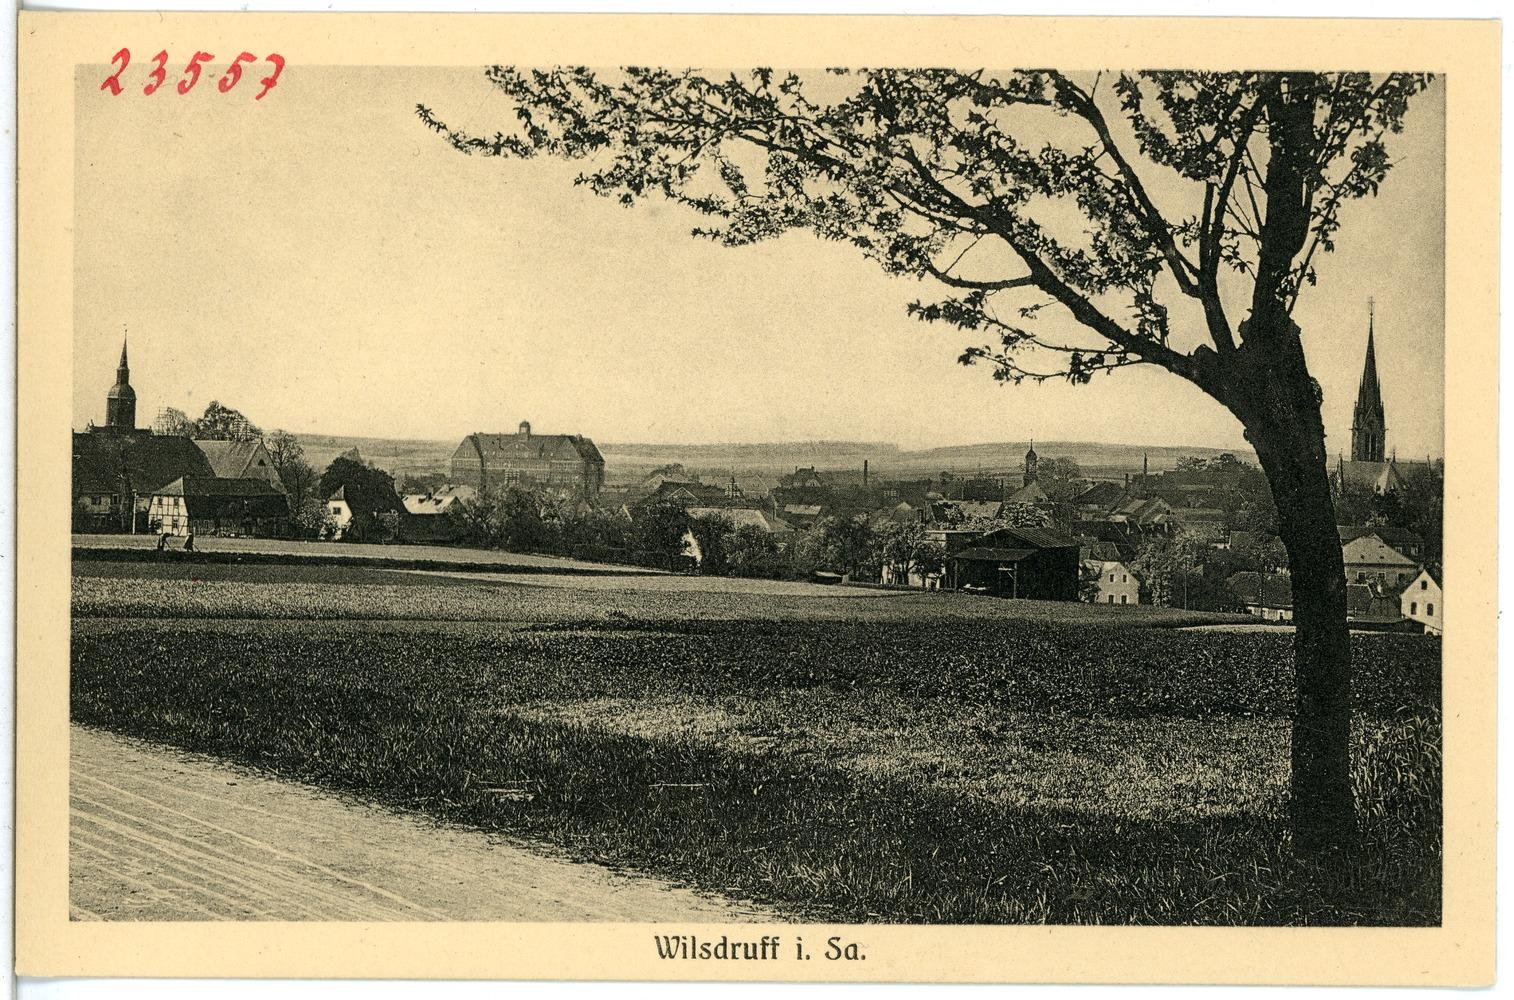 File:23557-Wilsdruff-1926-Blick auf Wilsdruff-Brück & Sohn Kunstverlag